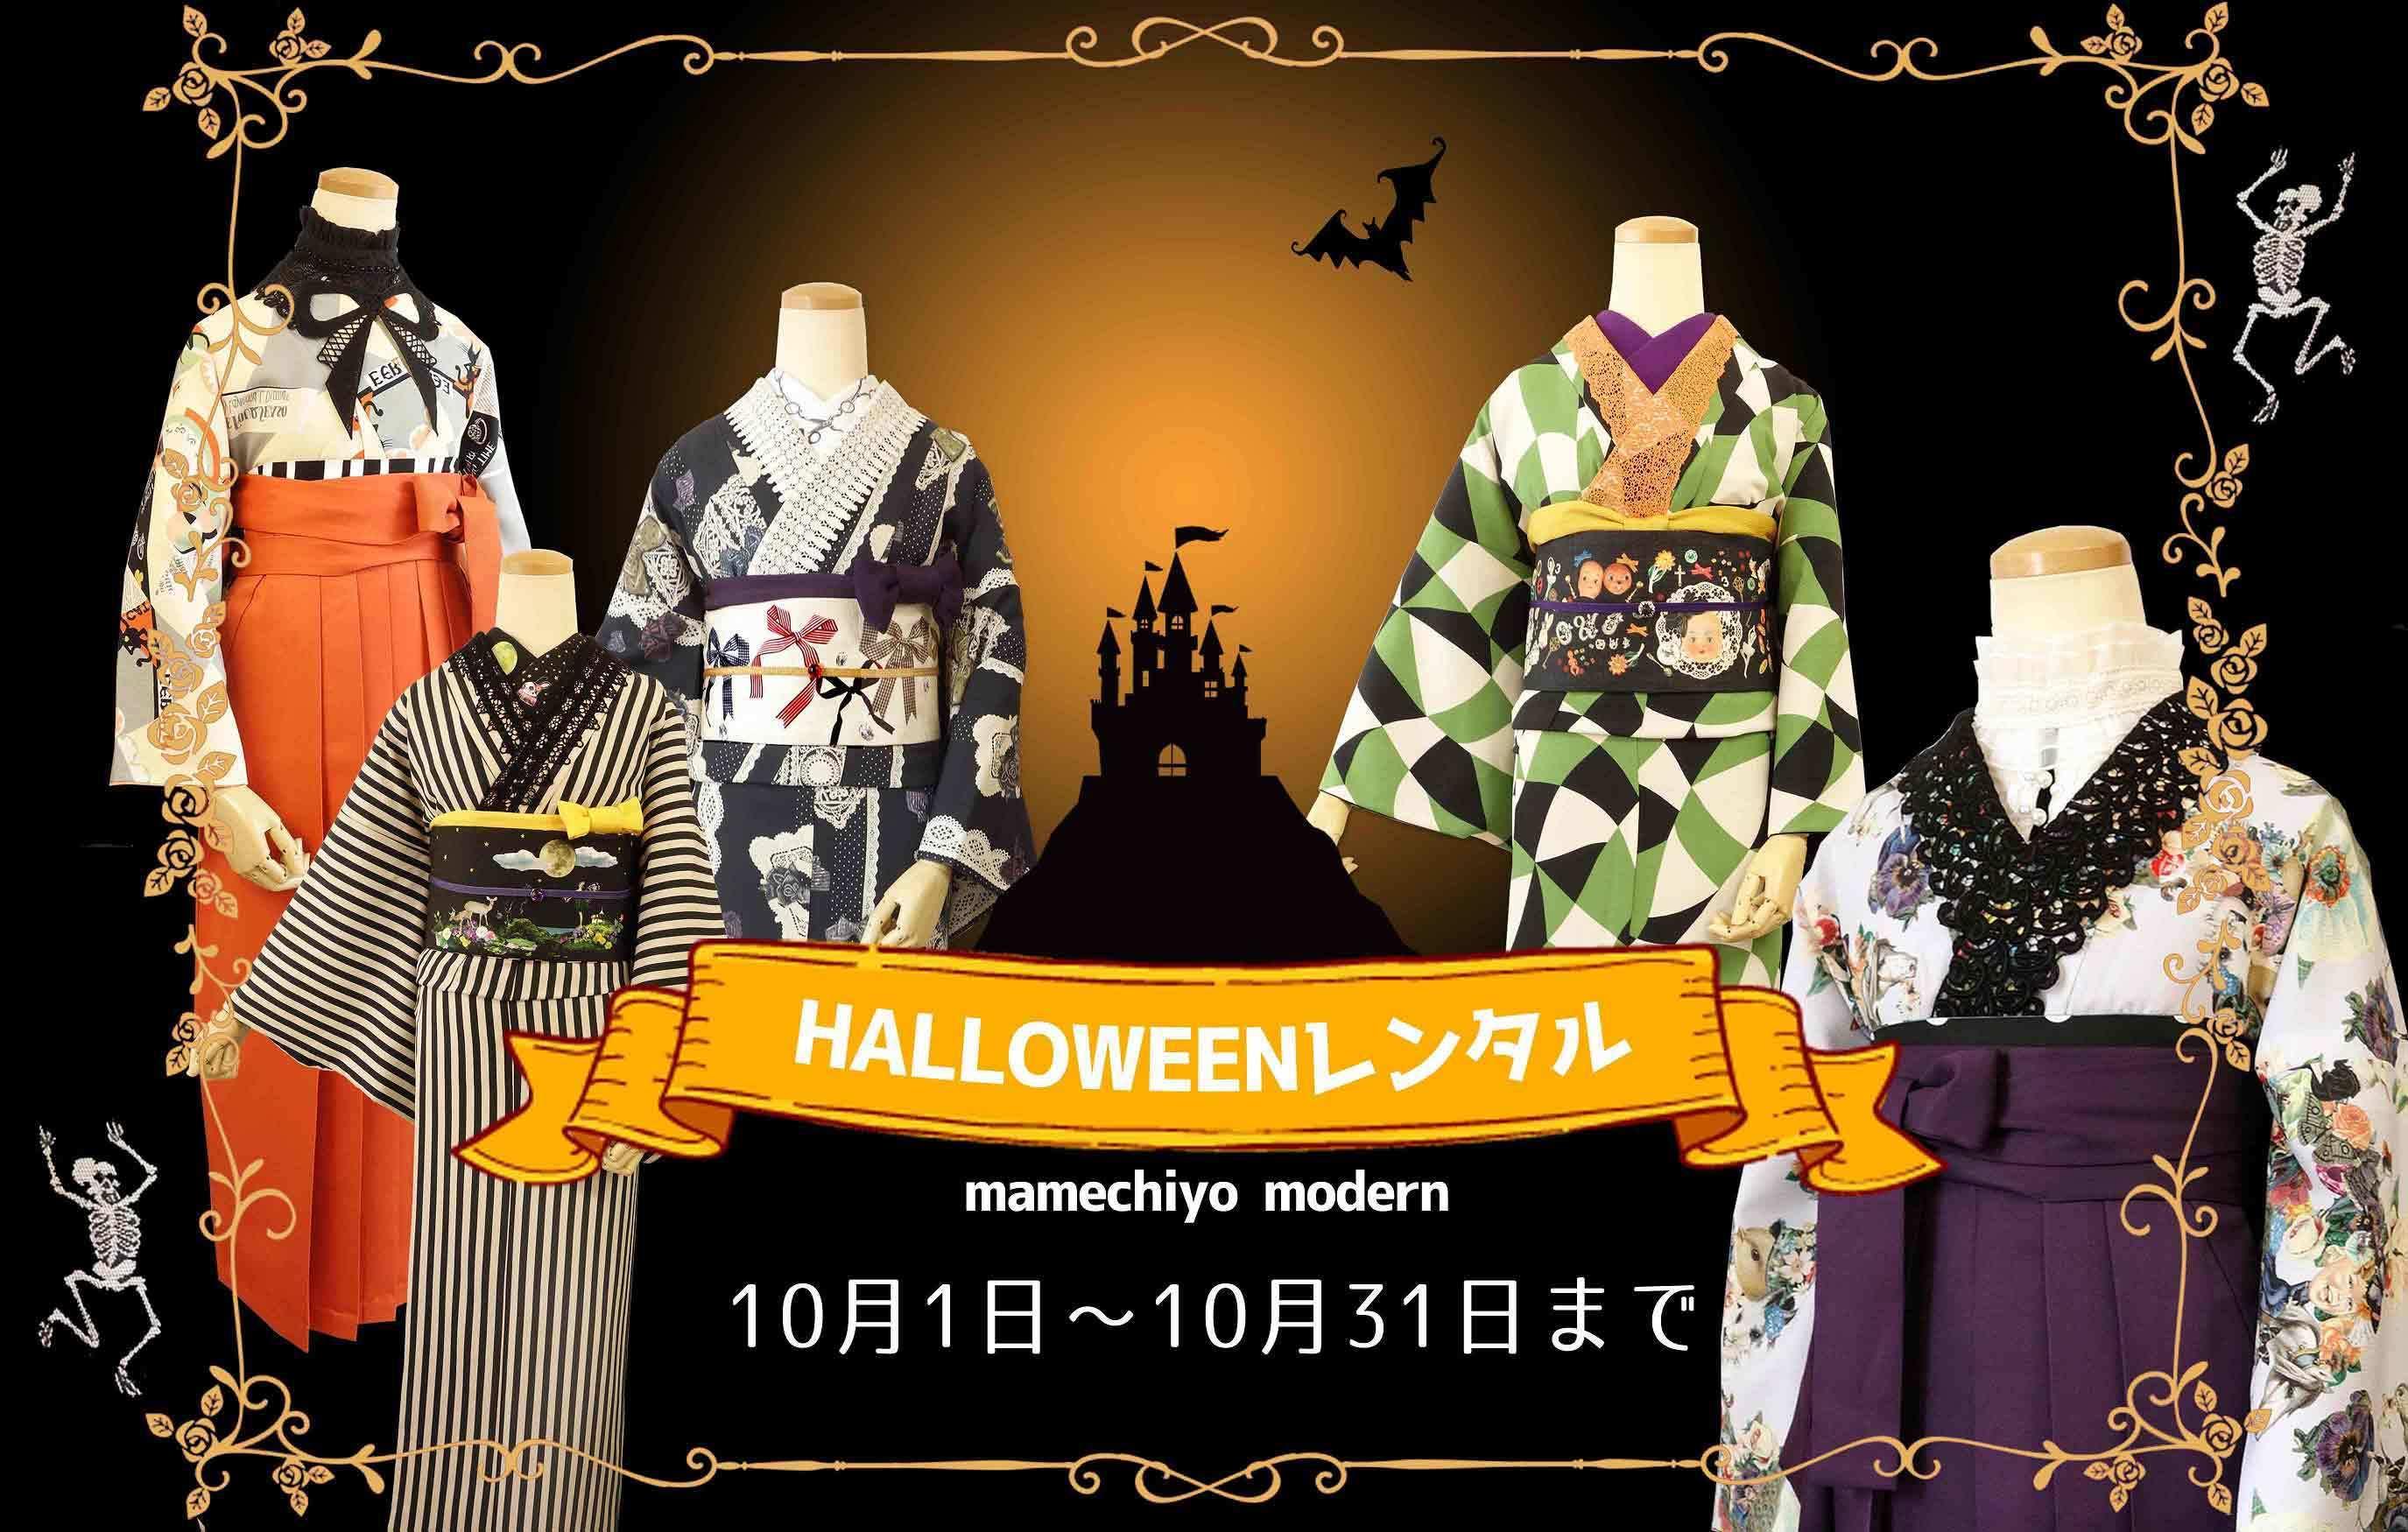 Halloweenレンタルお客様ご紹介_e0167832_12432918.jpg